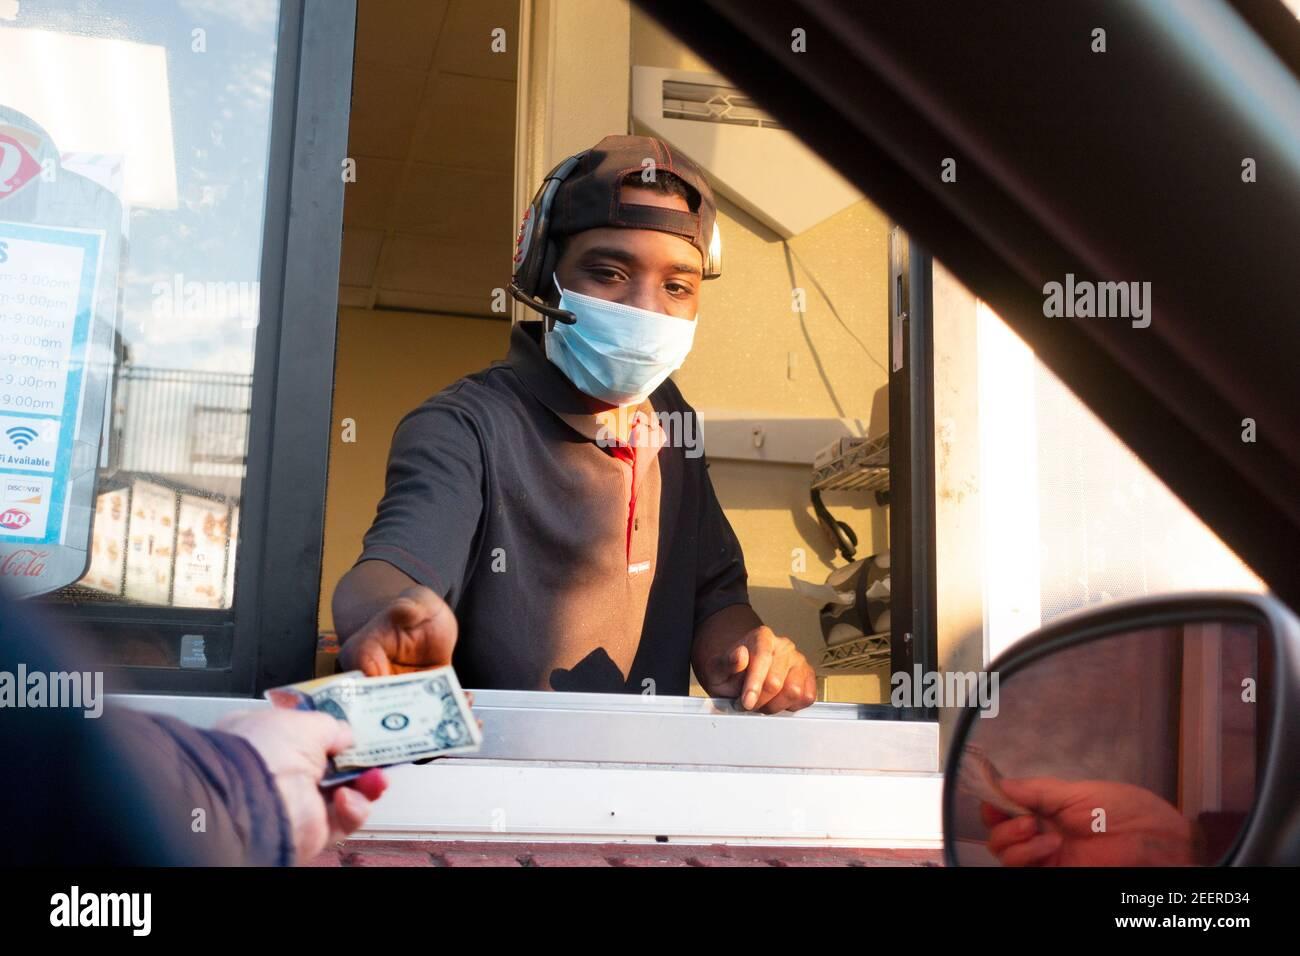 Cliente entregando a trabajador enmascarado una propina y una tarjeta para pagar por una Dairy Queen en la ventana de la unidad. St Paul, Minnesota Minnesota, Minnesota, EE.UU Foto de stock